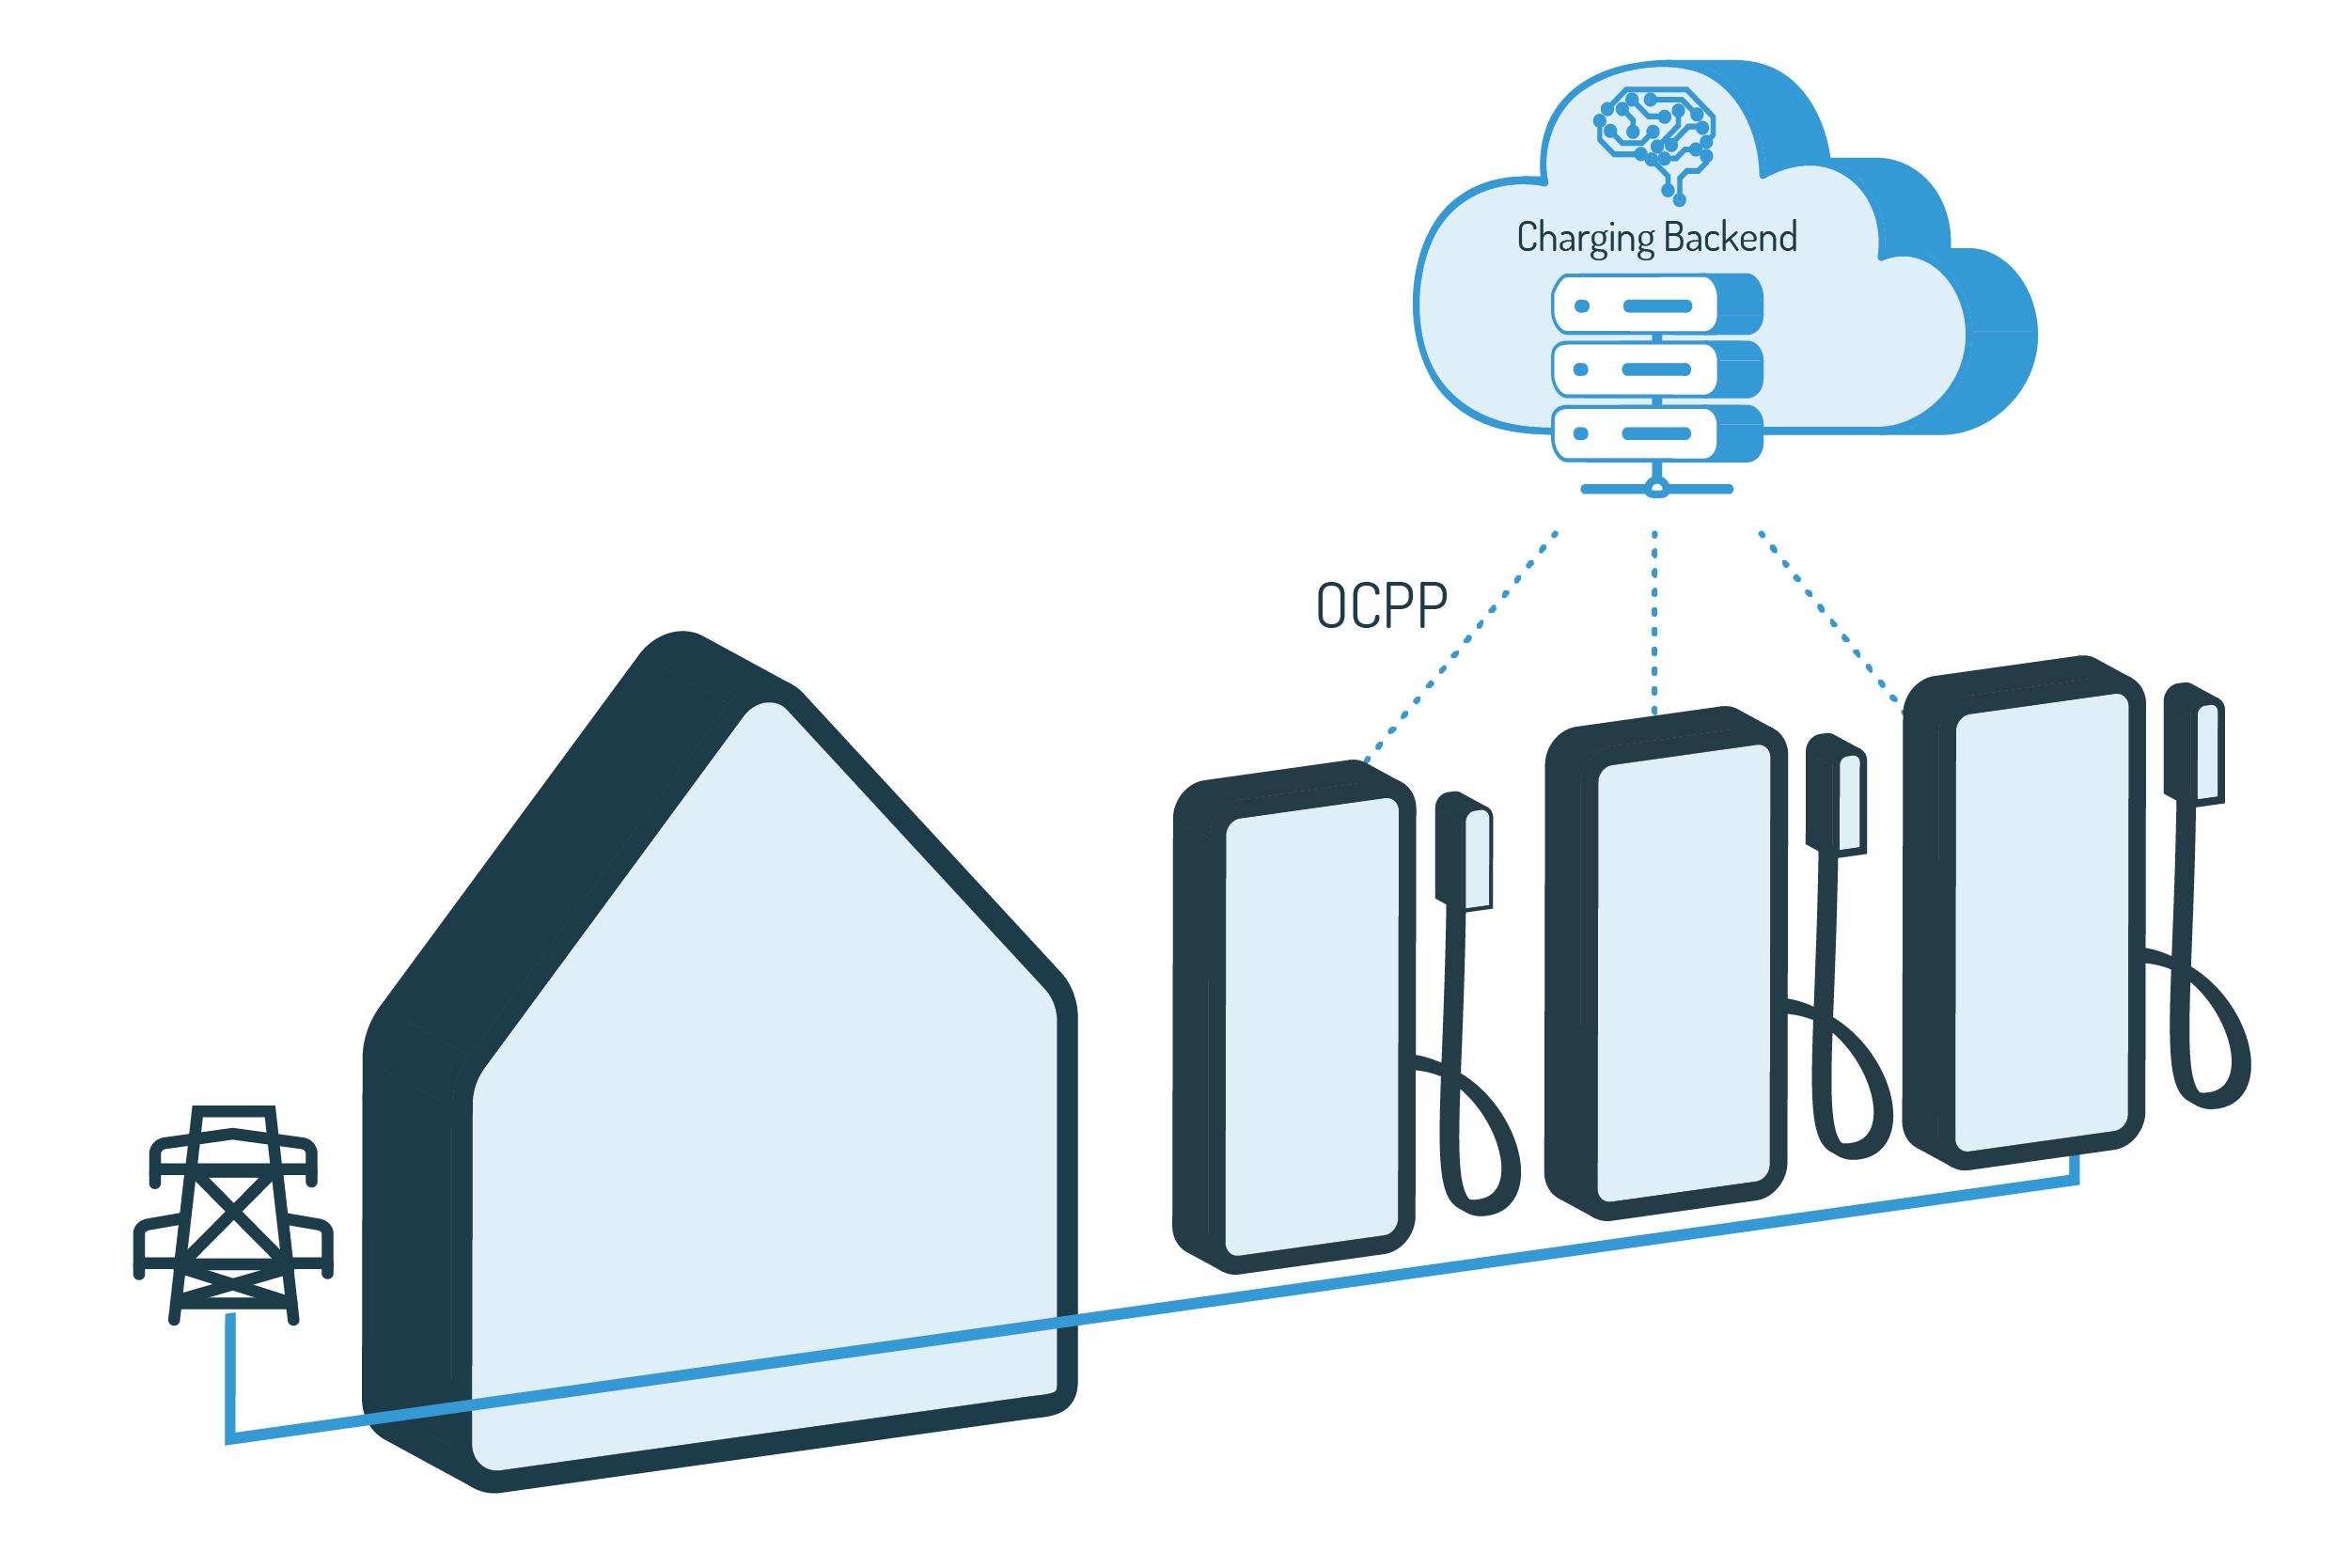 cloud based load management